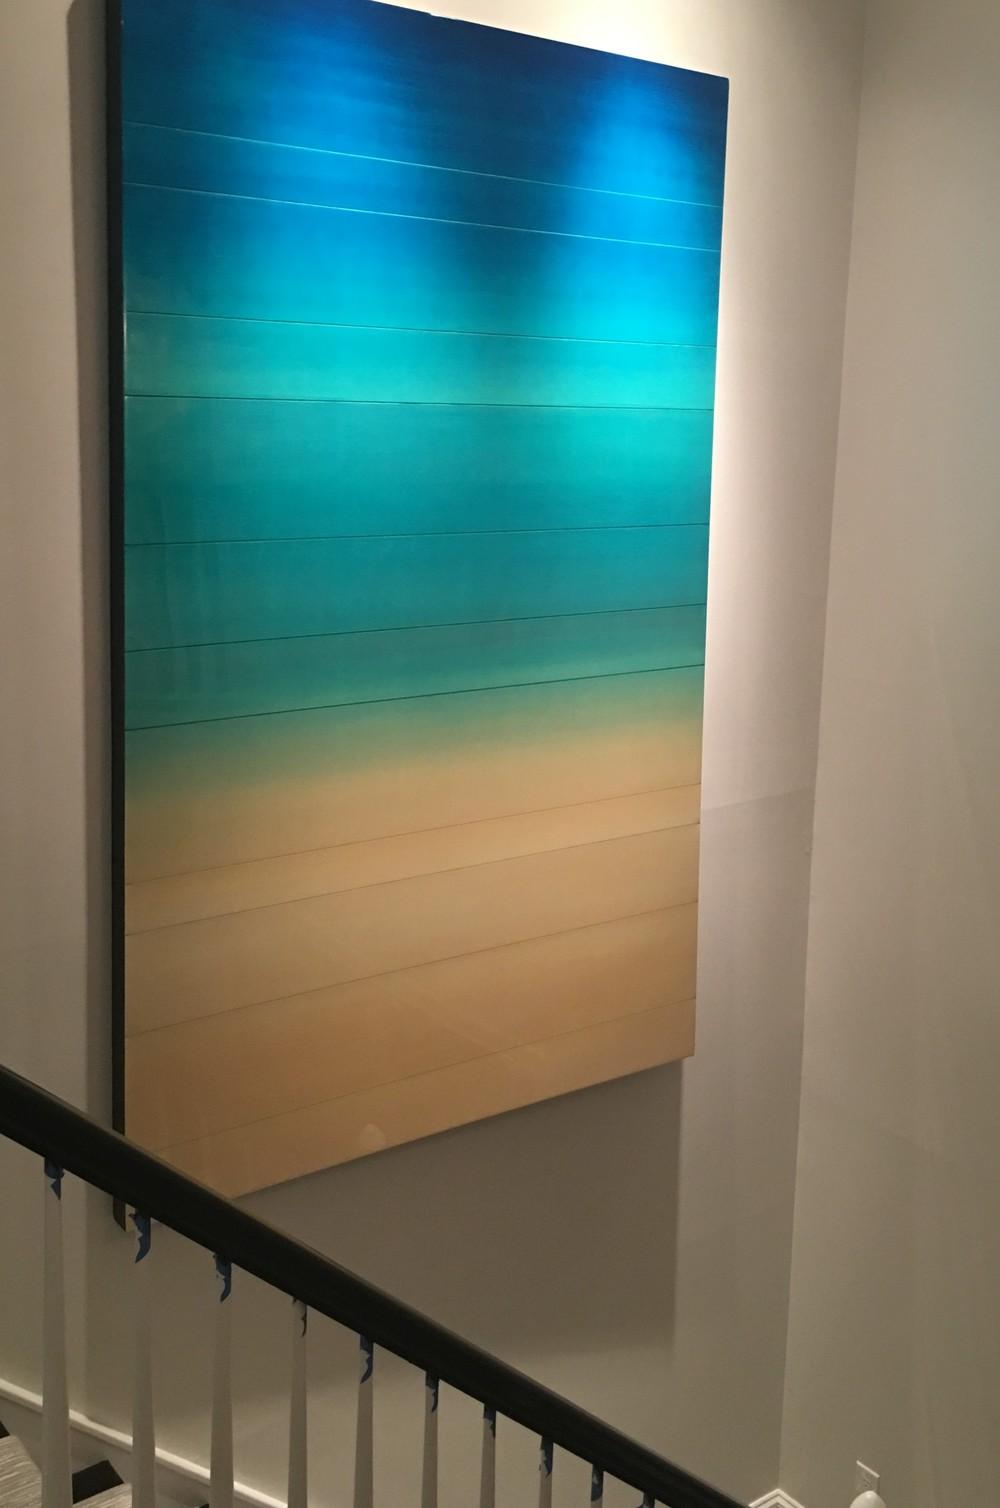 """"""" Acqua """" 76 x 60 inchesPrivate collection, Rochester, NY"""